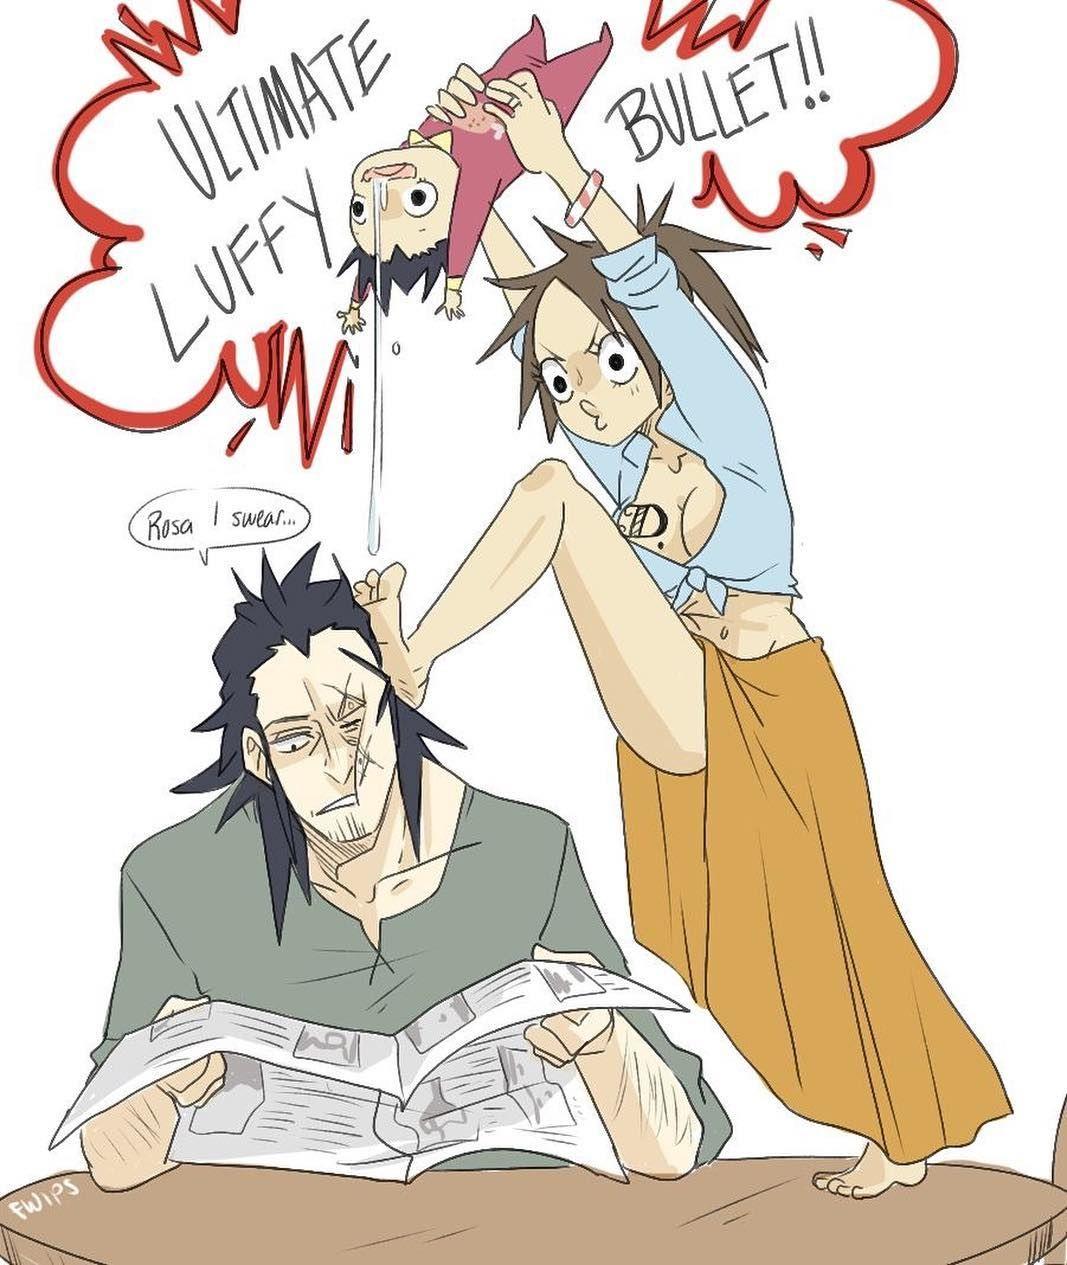 Bocoran one piece episode 989. Luffy Mother Anime One Piece Luffy Nami Onepiece Sanji Usopp Franky Chopard Robin Brooke One Piece Meme One Piece Comic Manga Anime One Piece